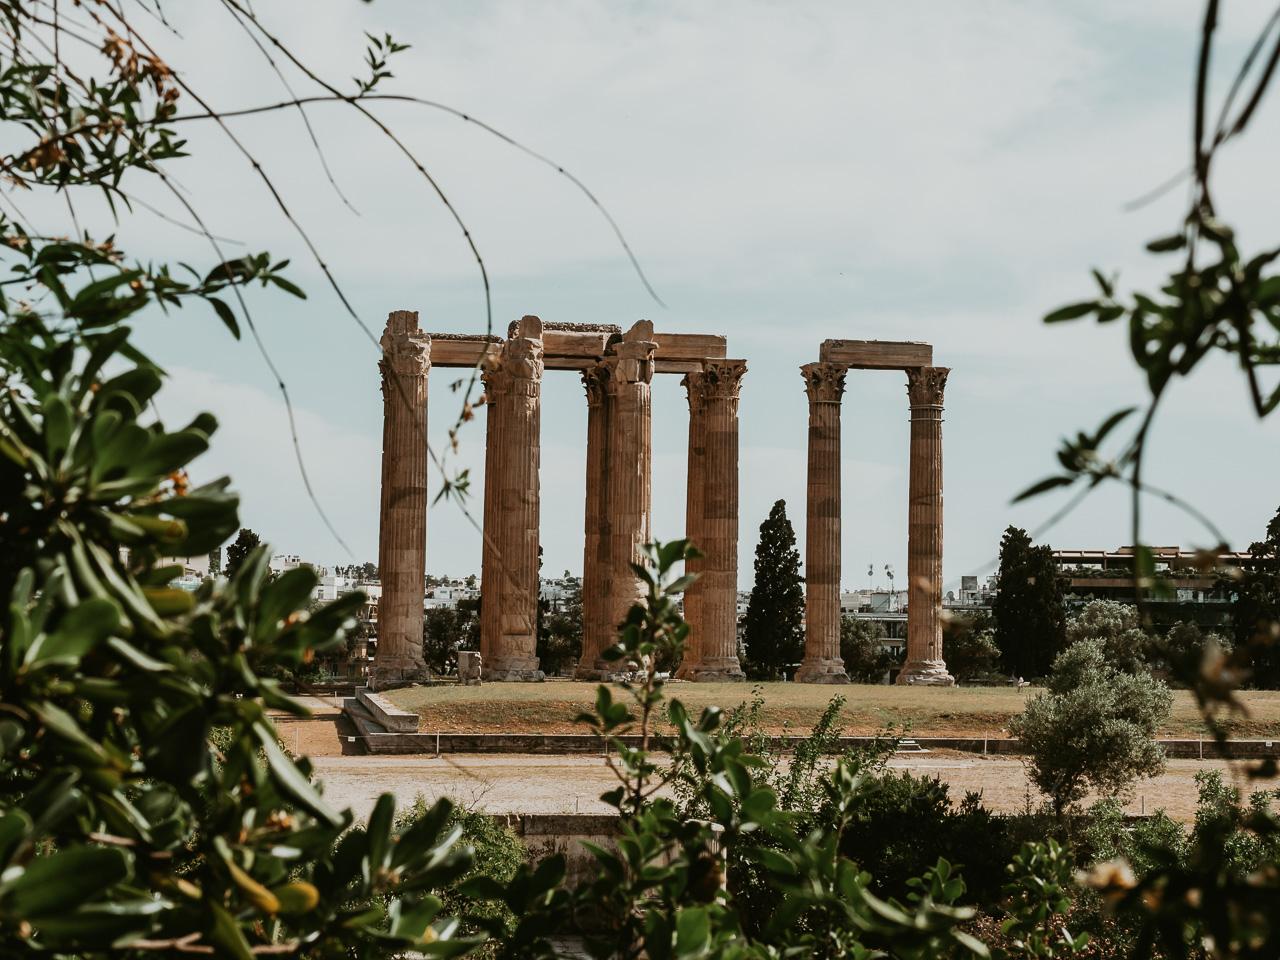 Guide d'Athenes sur une journée : De l'Acropole au stade panathenaique en passant par le Zappeion ou encore le temple de Zeus, voici toutes mes bonnes adresses ! - Kallisteha, voyages et vérités